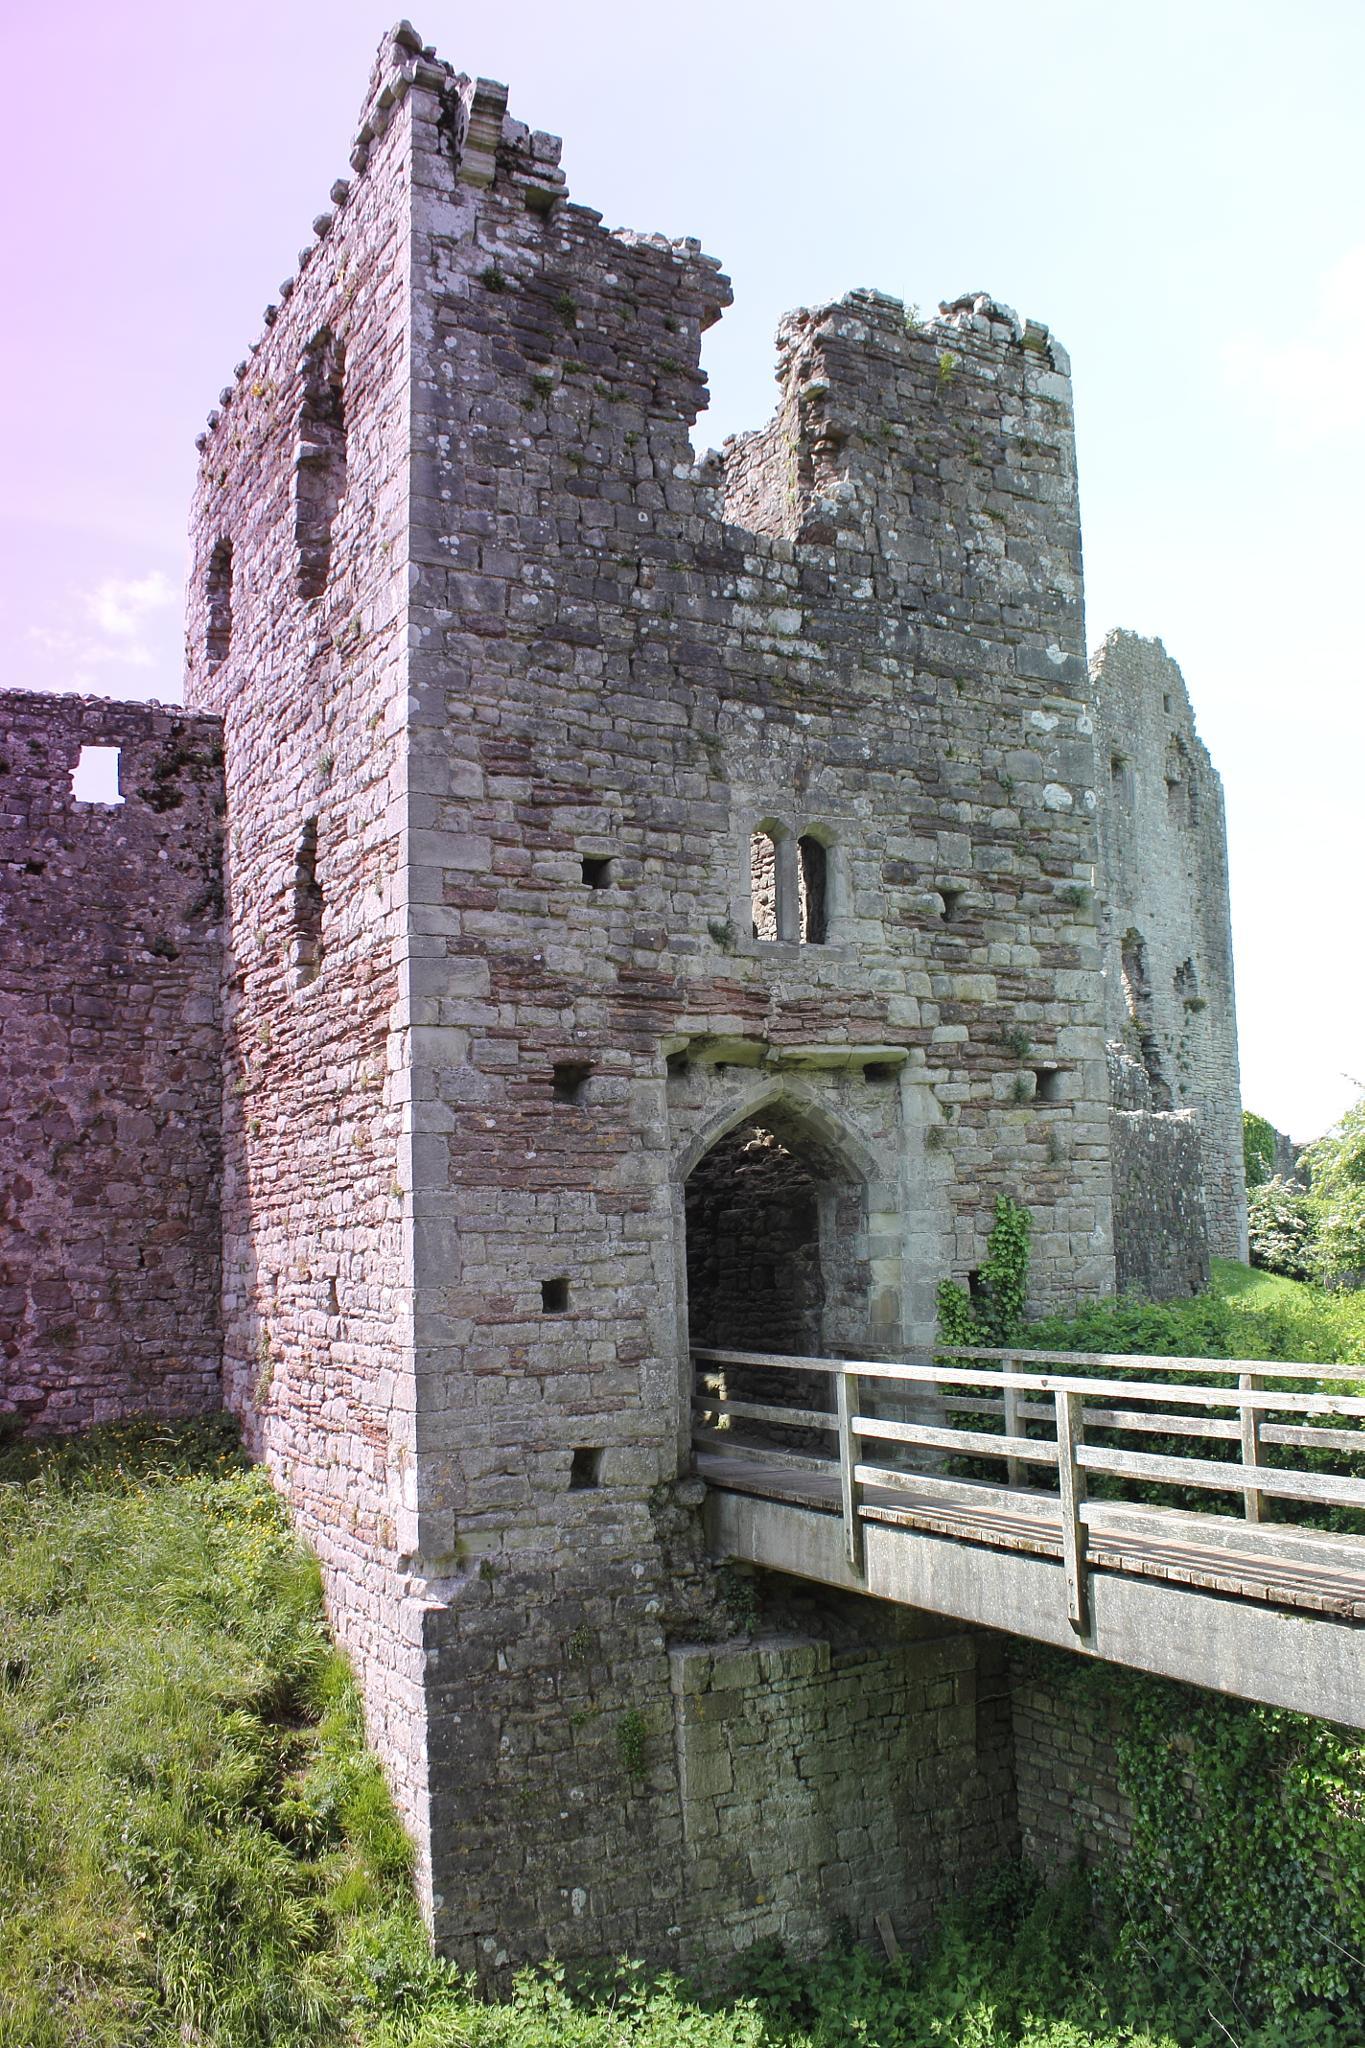 coity castle by nigel.seldon.1